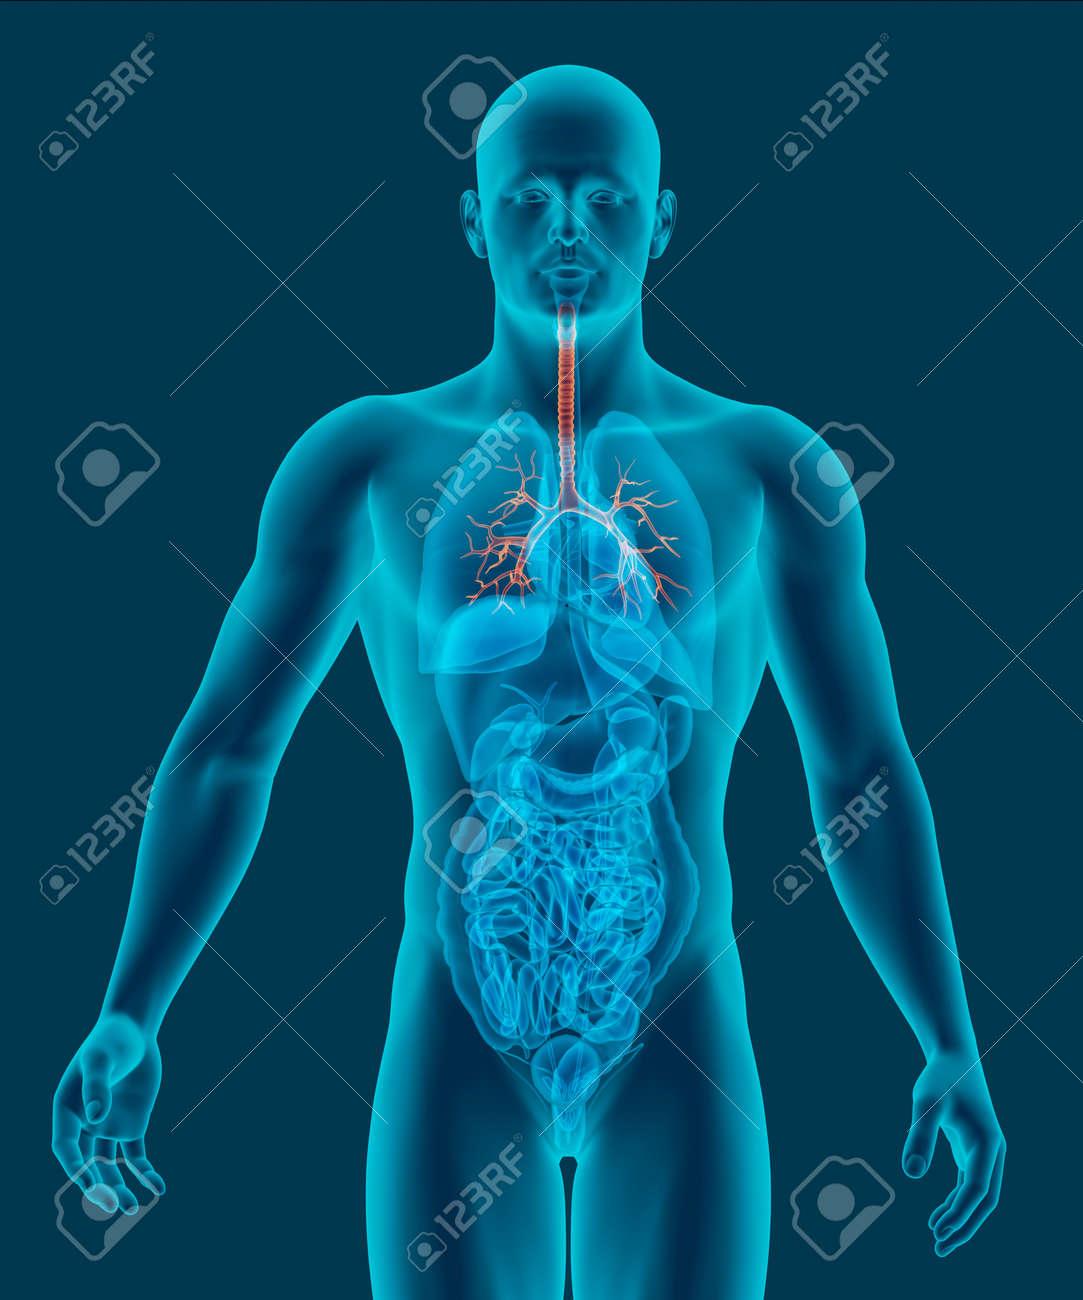 Der Menschliche Körper Röntgenscan Mit Sichtbaren Luftröhre Und ...